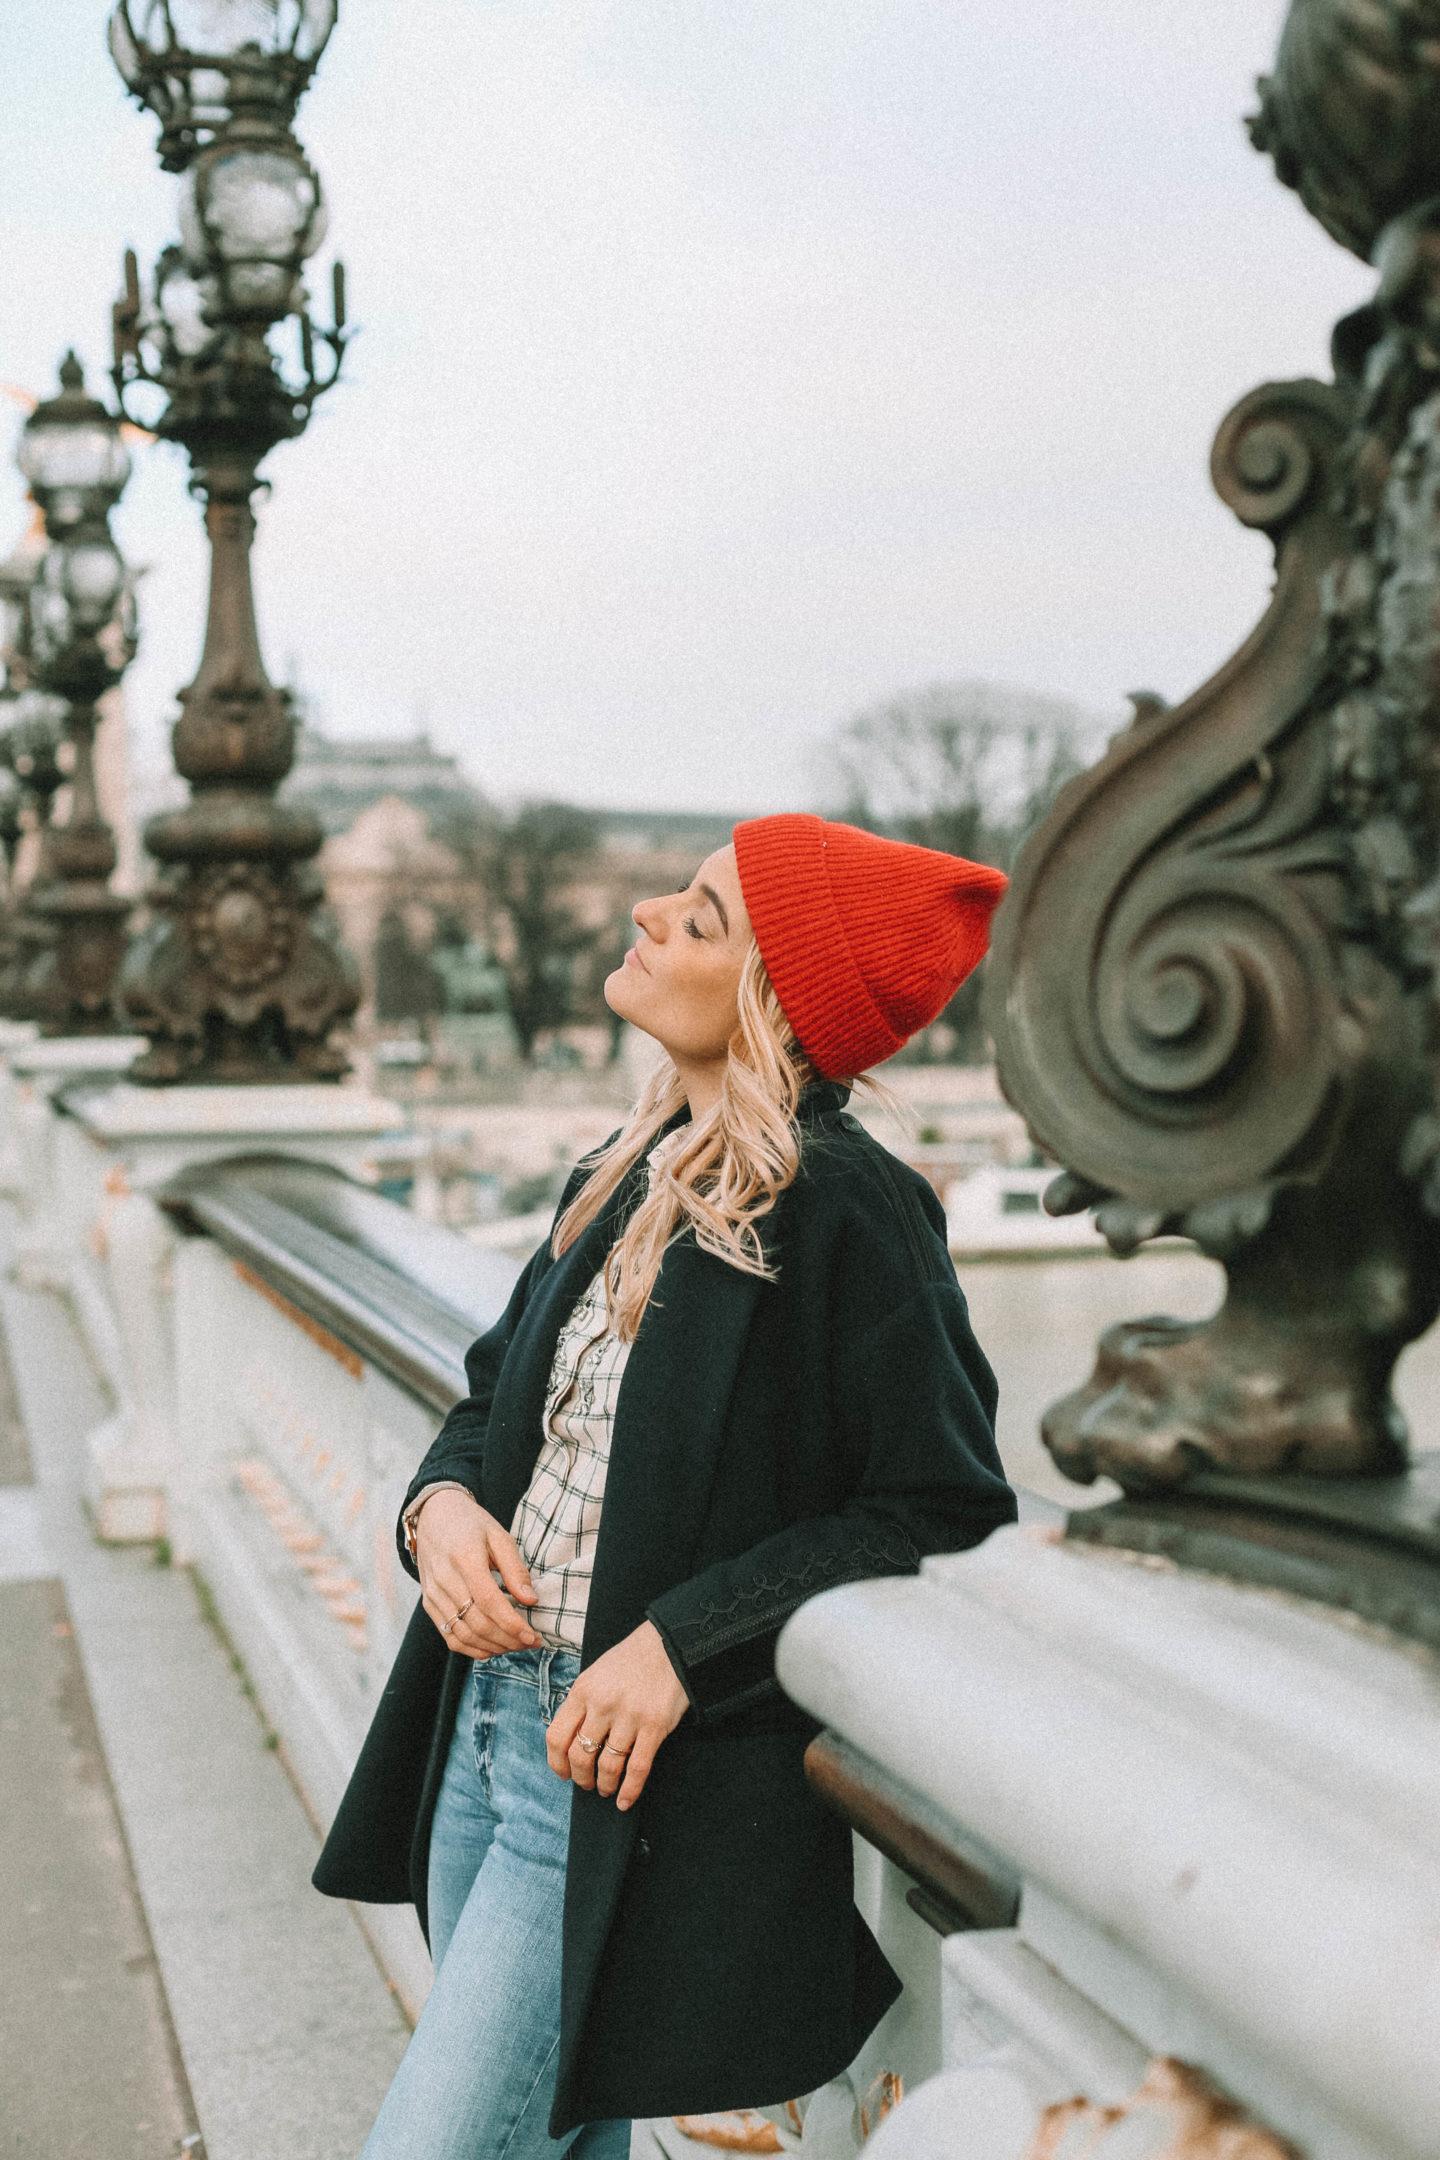 Bonnet rouge hm - Blondie Baby blog mode et voyages